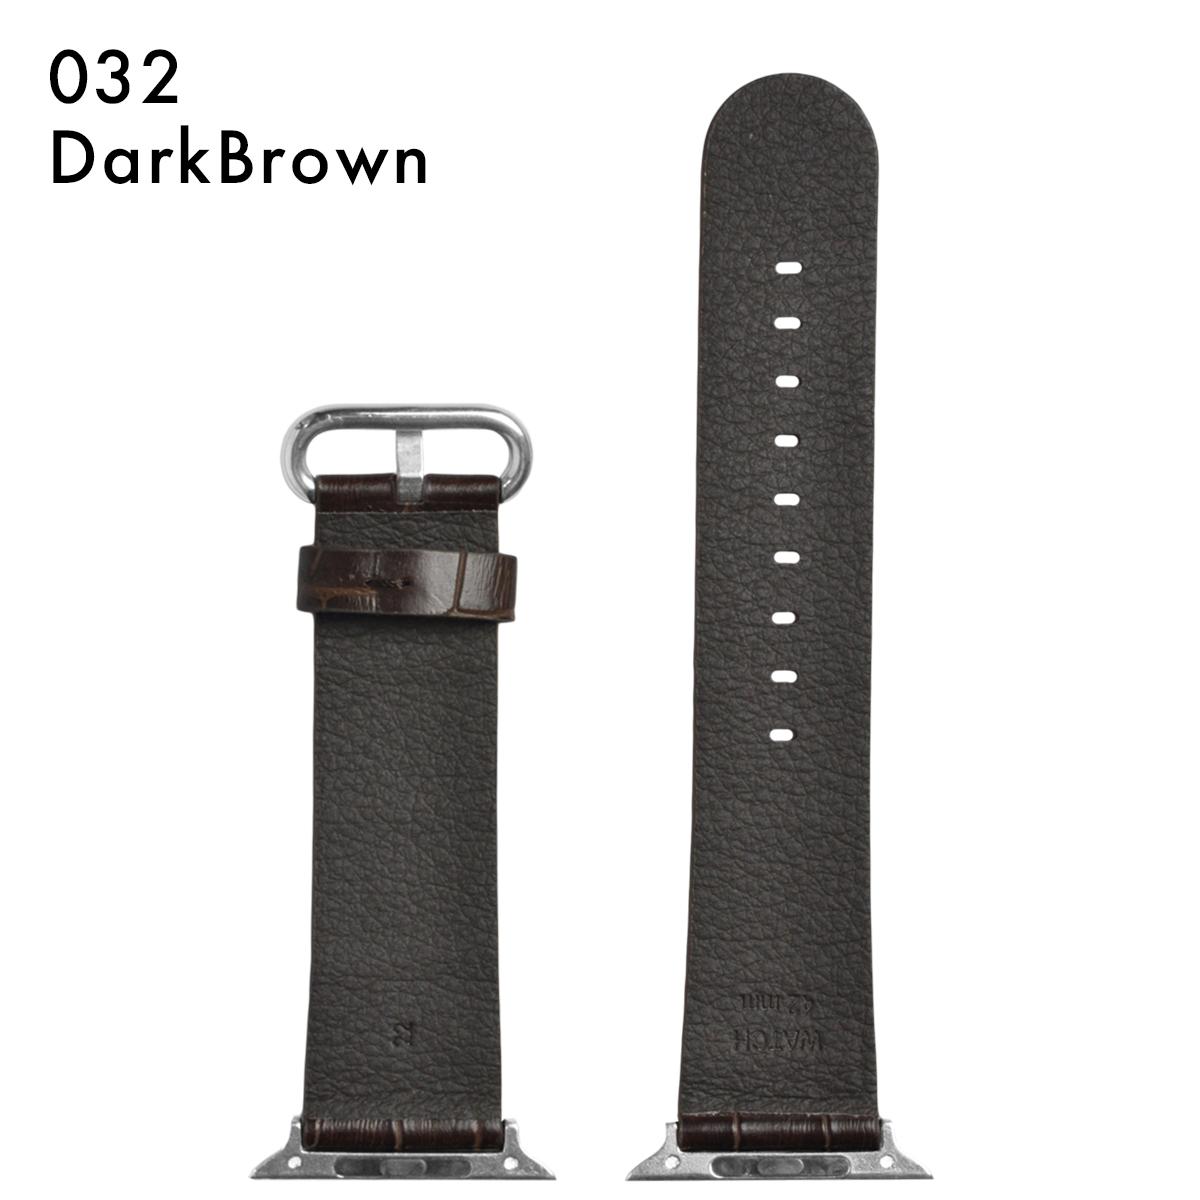 Morellato モレラート [A-STRAP エーストラップ] 腕時計用 レザーベルト 社外品 汎用品 取付幅:AppleWatch 42mmモデル Apple Watch アップルウォッチ (尾錠)ピンバックル付き [U4739]